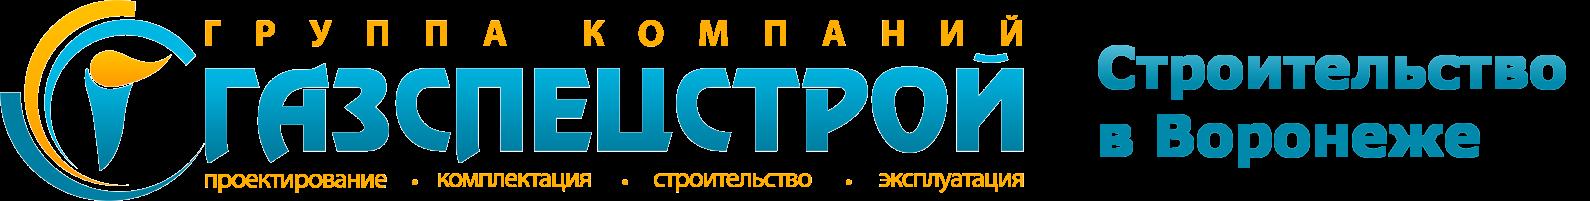 Строительство в Воронеже